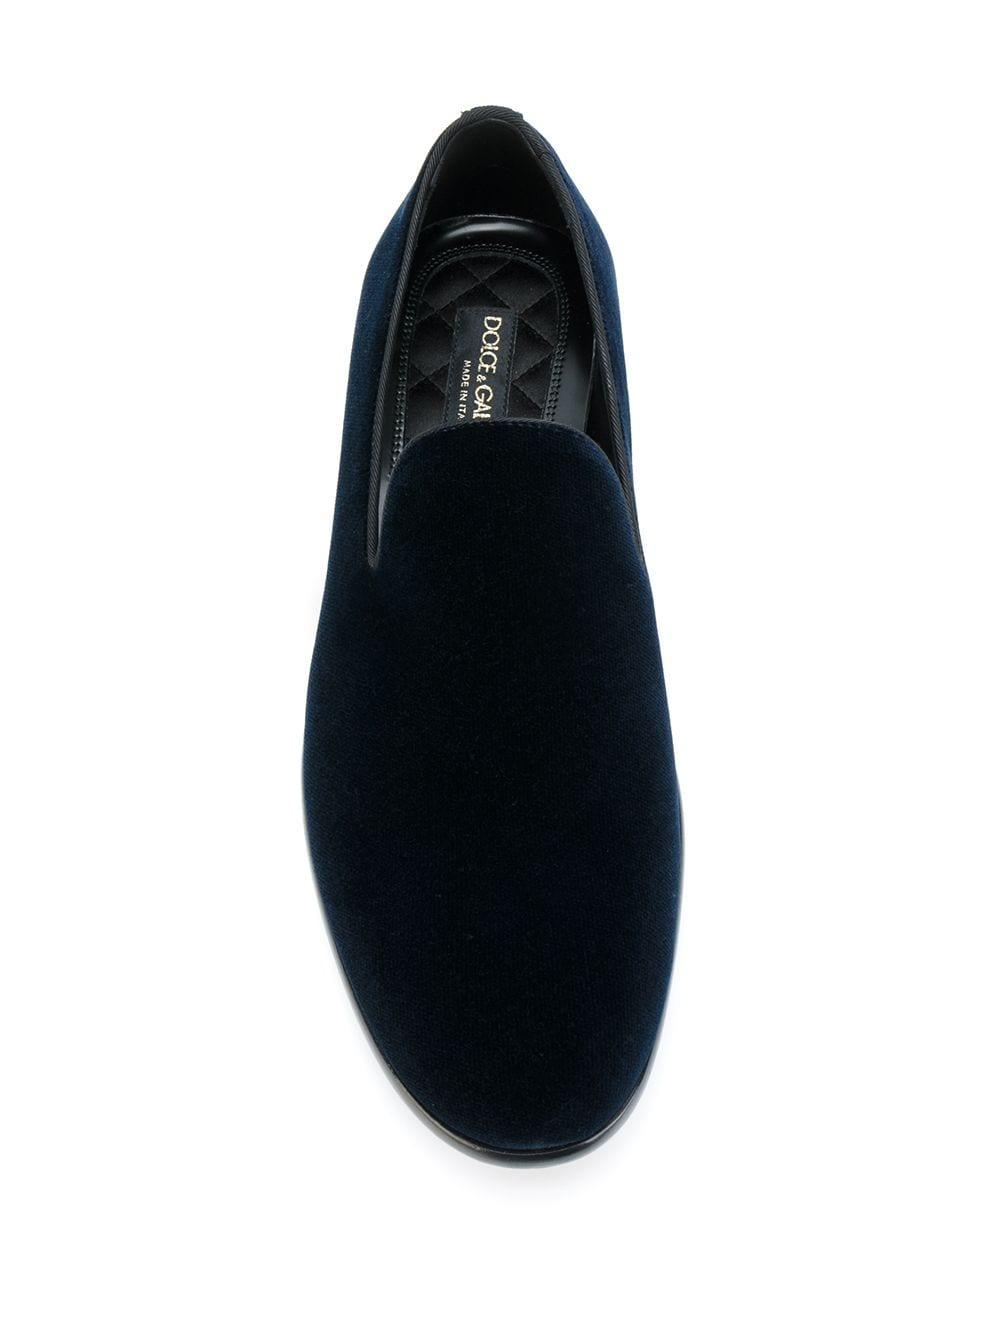 Dolce & Gabbana   Dolce & Gabbana слипперы 'Milan'   Clouty